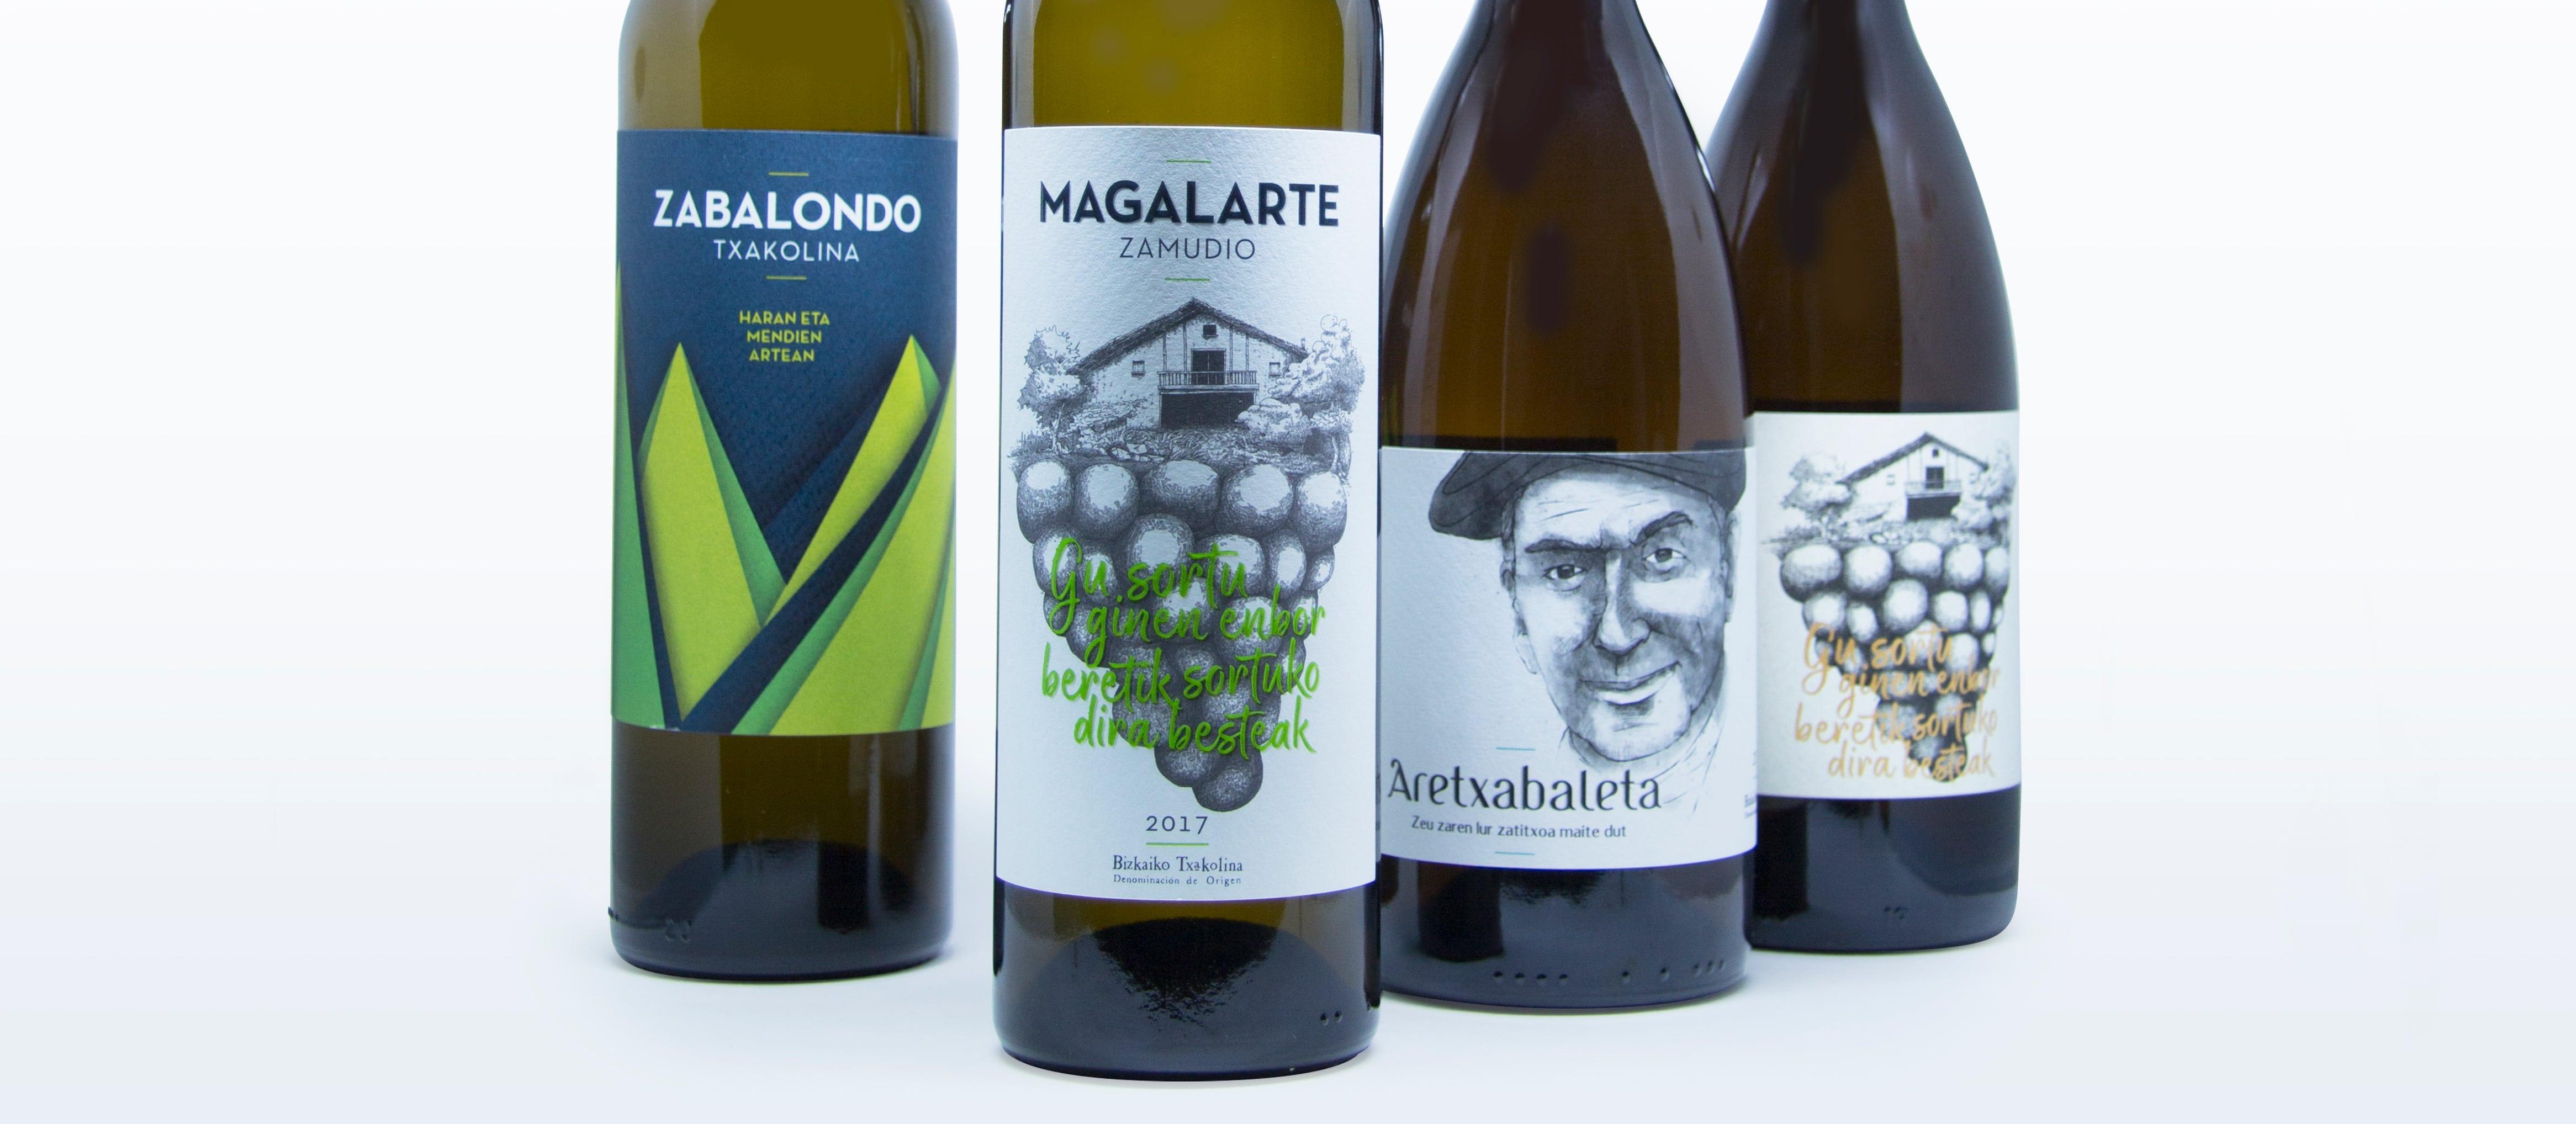 La historia que esconden nuestras etiquetas de vino